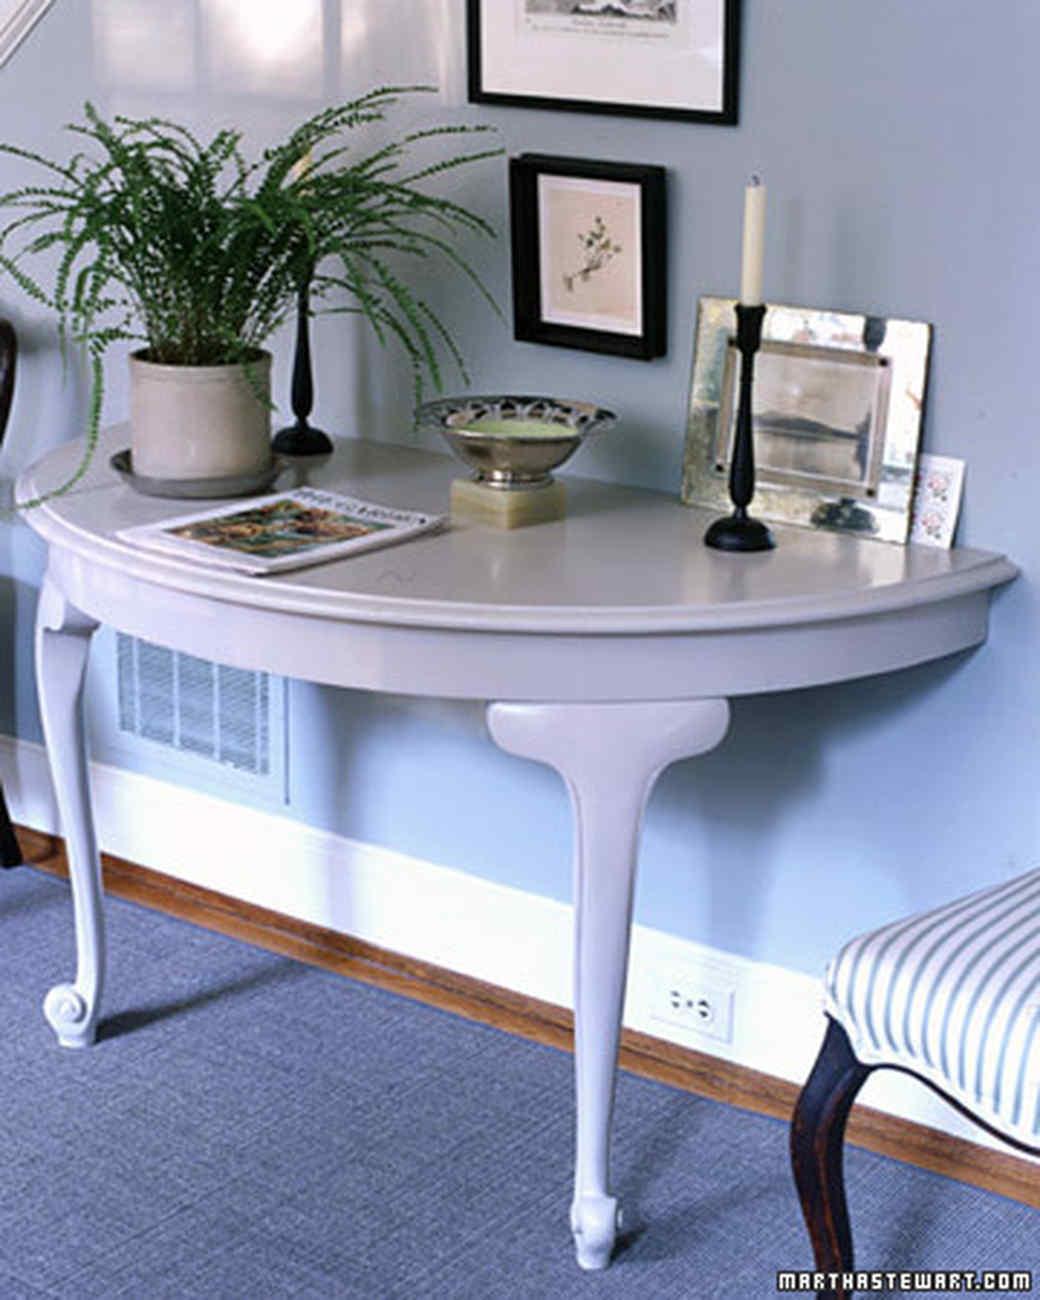 Repurposed Furniture repurposed furniture and decor | martha stewart